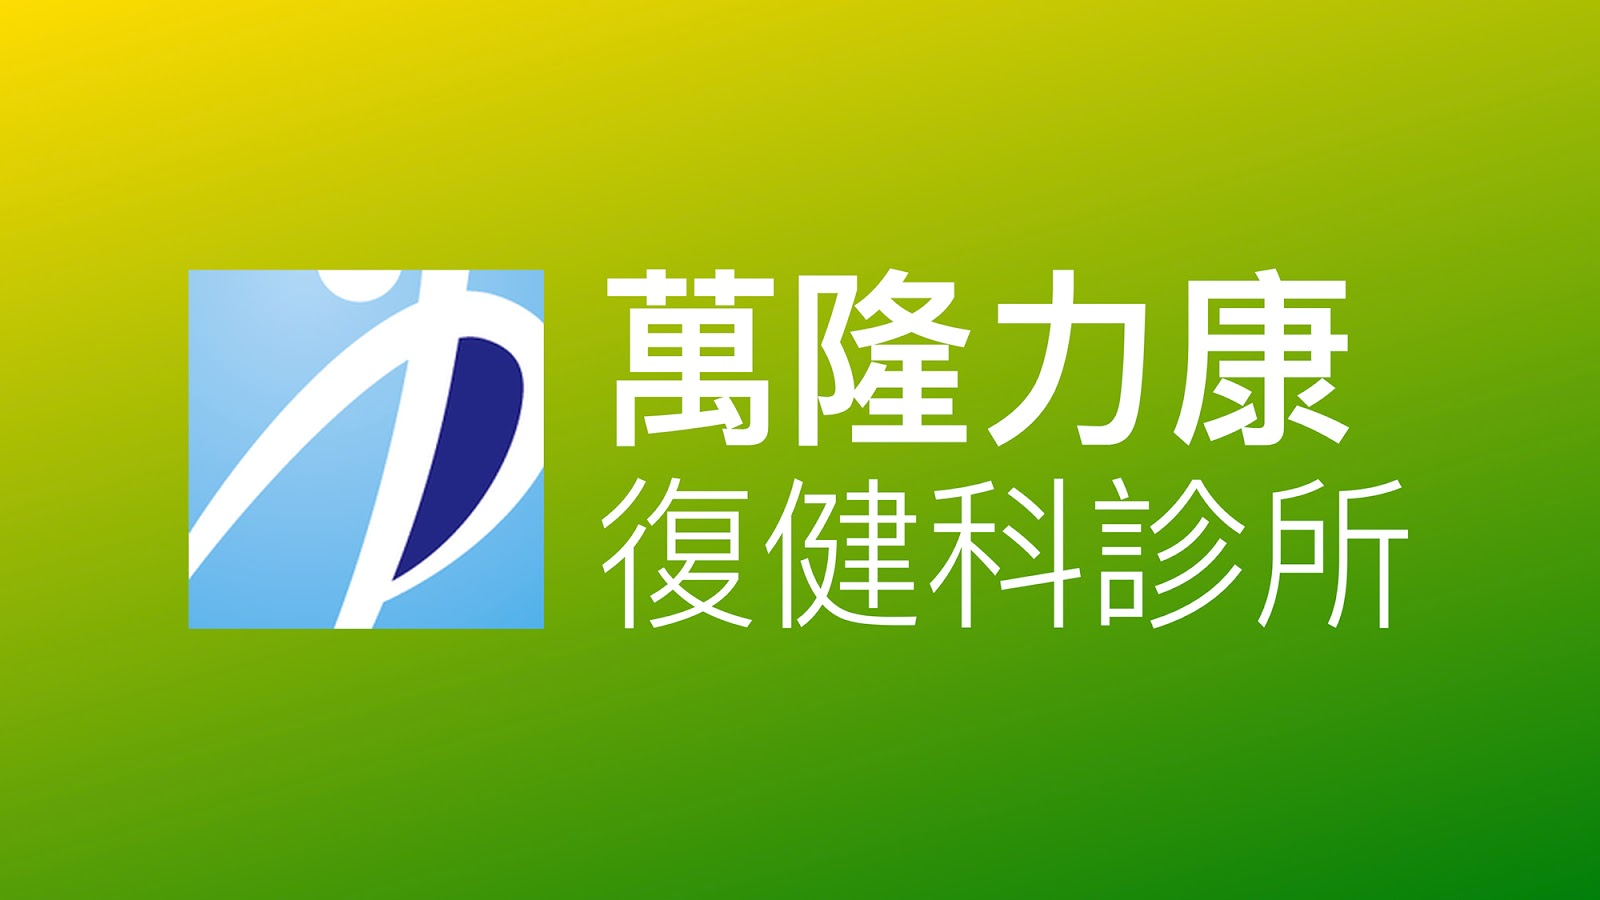 萬隆力康復健科診所 (臺北市文山區)